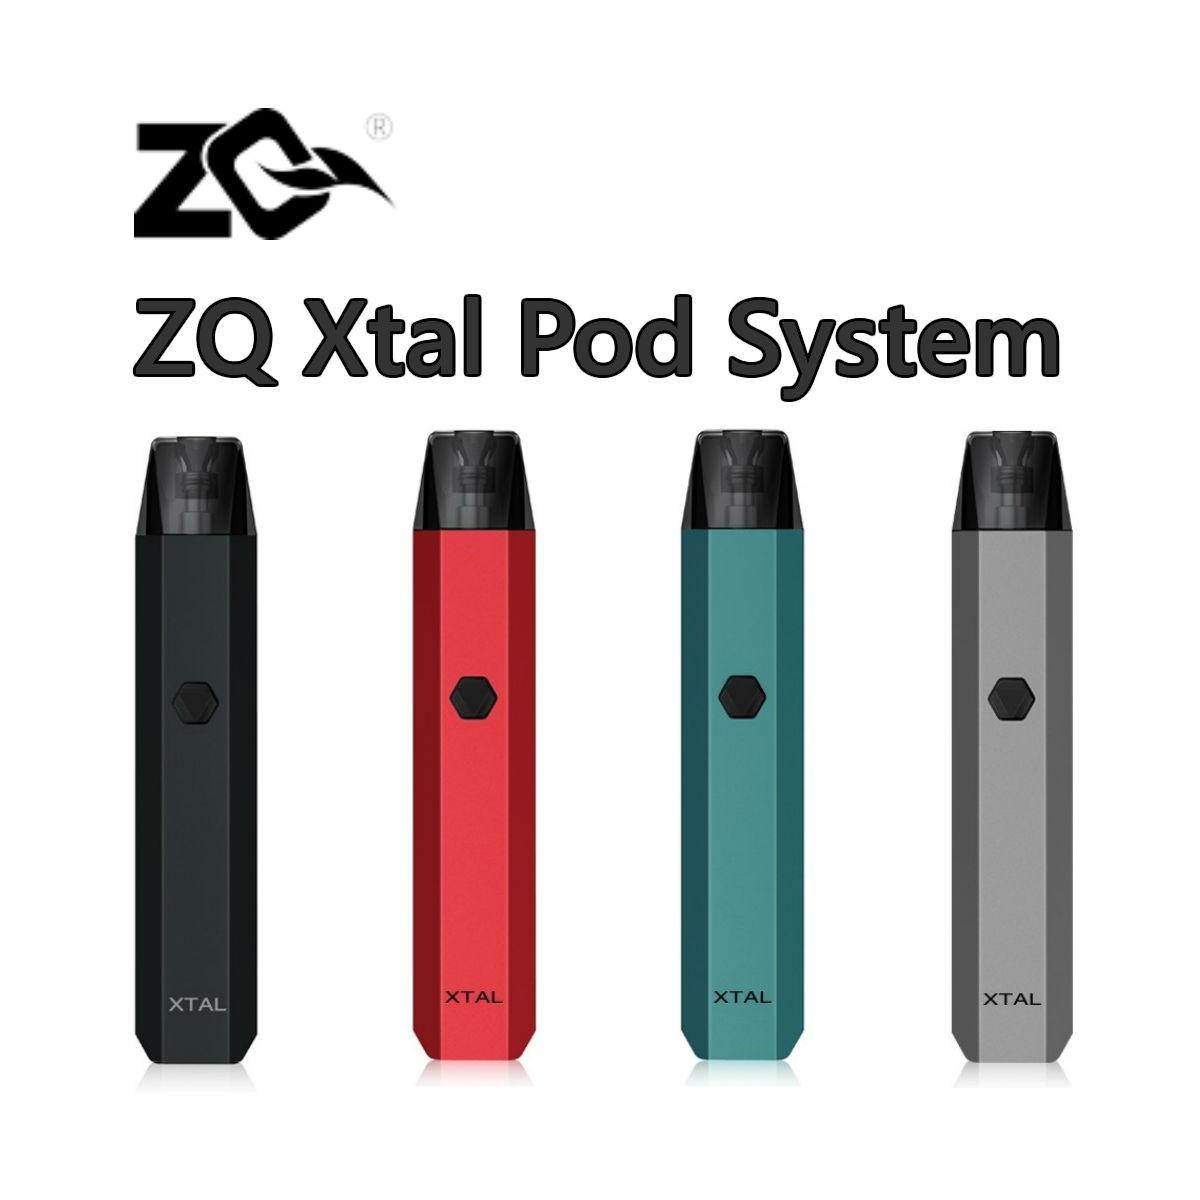 メール便送料無料 在庫処分セール ZQ 販売期間 限定のお得なタイムセール Xtal ギフト Pod System 520mAh 1.2Ω Vapor 1.8ml ポッド カートリッジ付 ゼットキュー 味が出て液漏れしにくい話題のPOD エクスタル